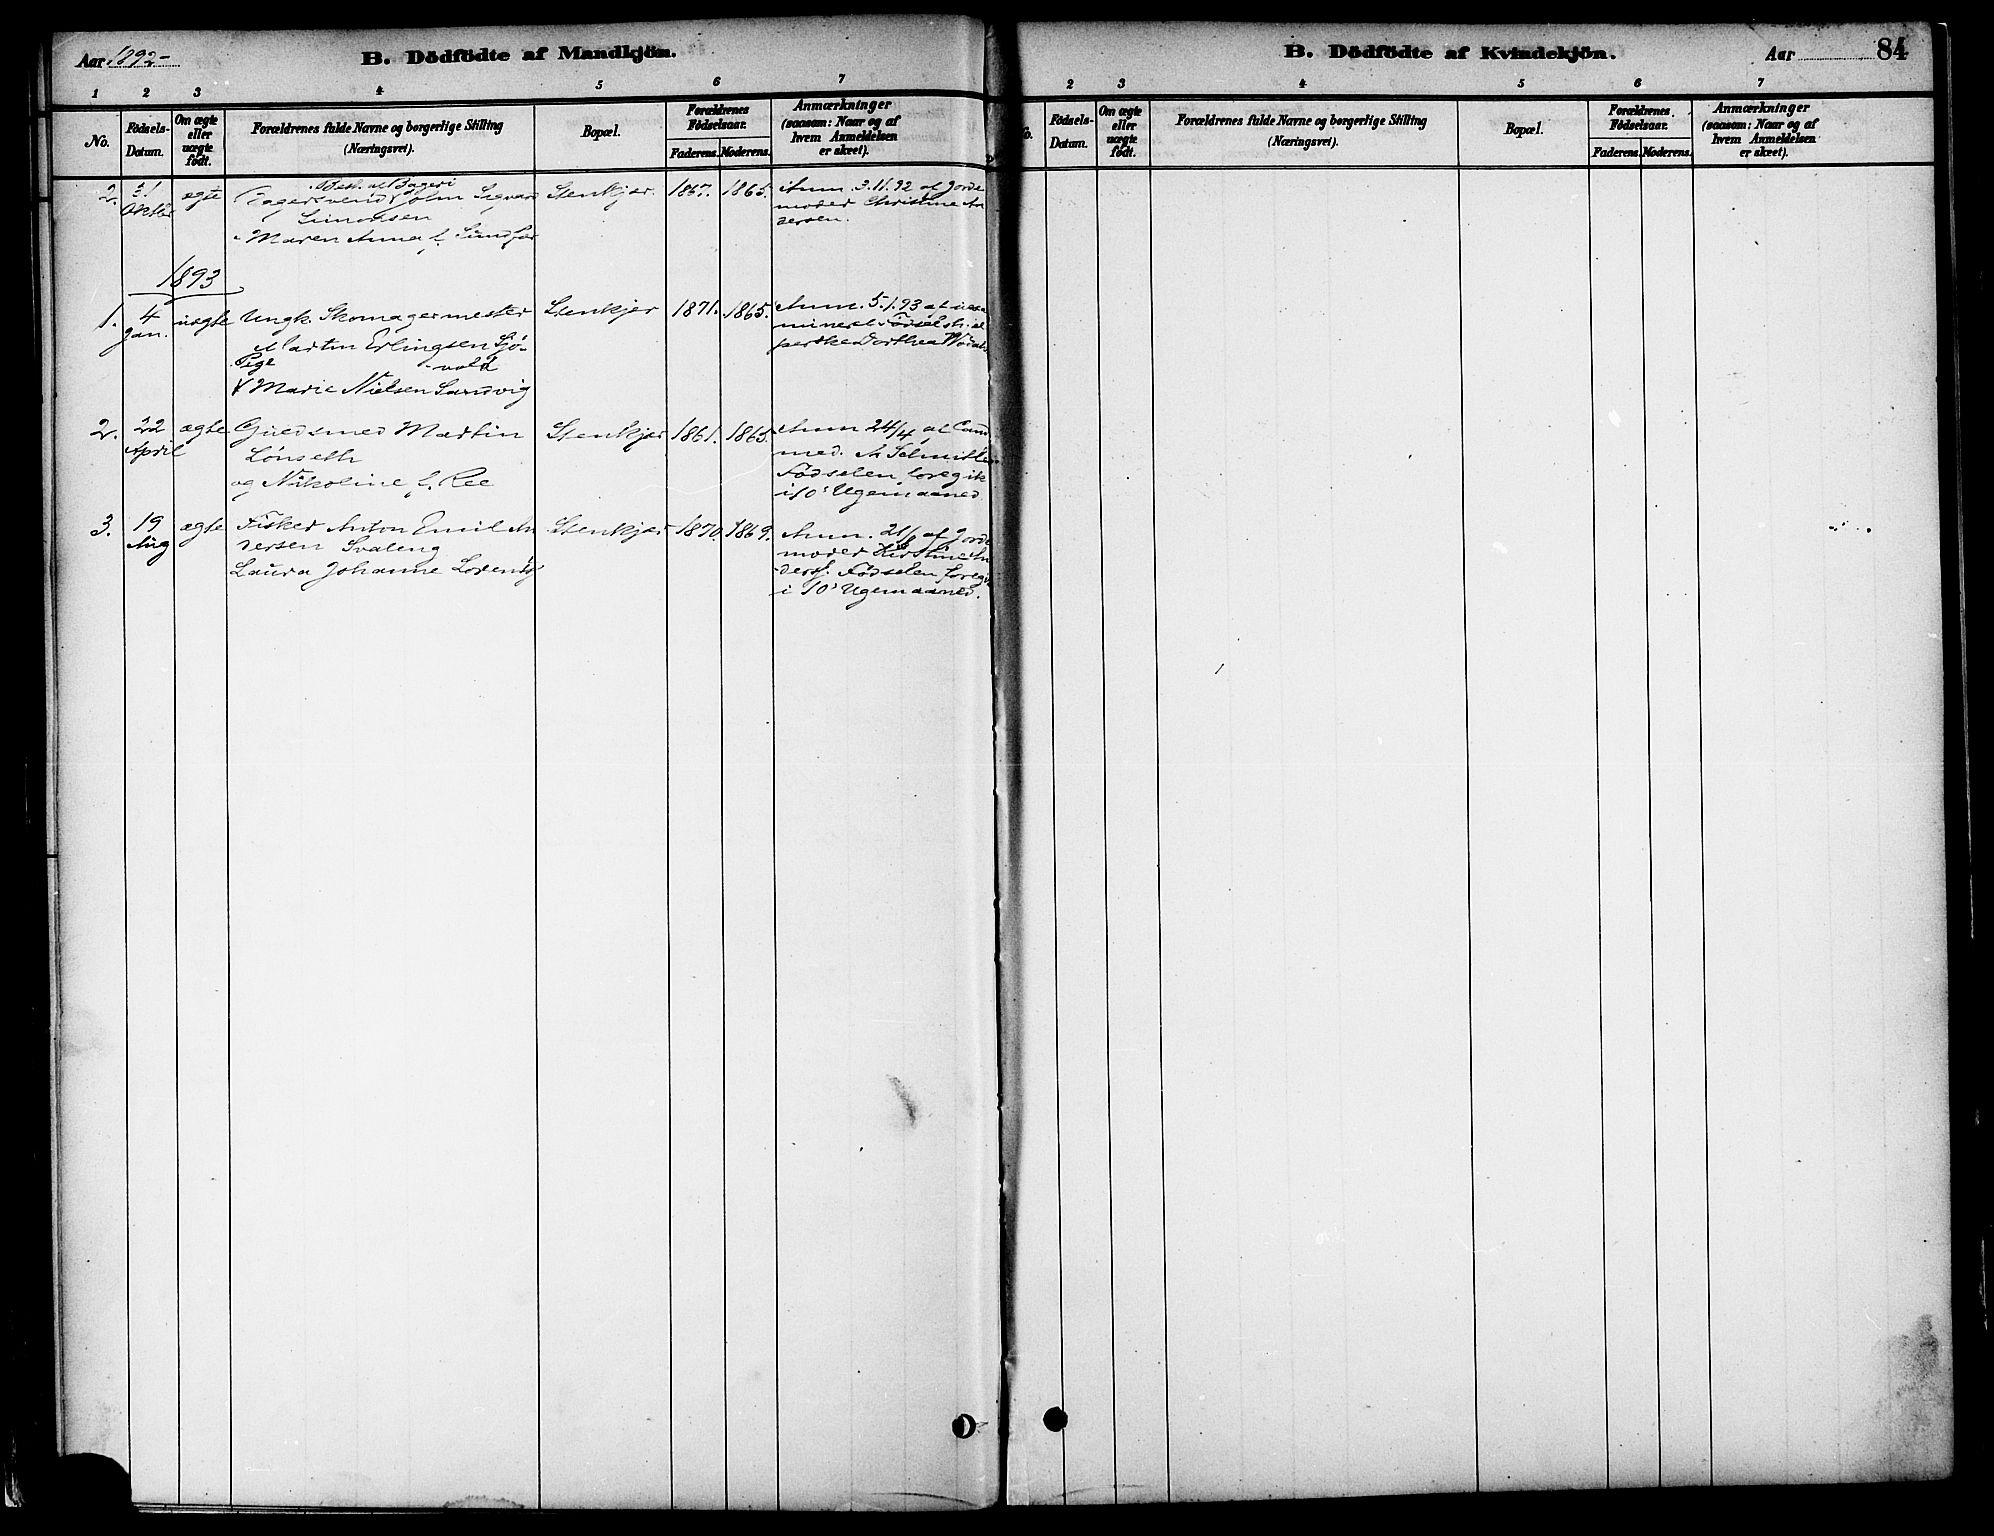 SAT, Ministerialprotokoller, klokkerbøker og fødselsregistre - Nord-Trøndelag, 739/L0371: Ministerialbok nr. 739A03, 1881-1895, s. 84